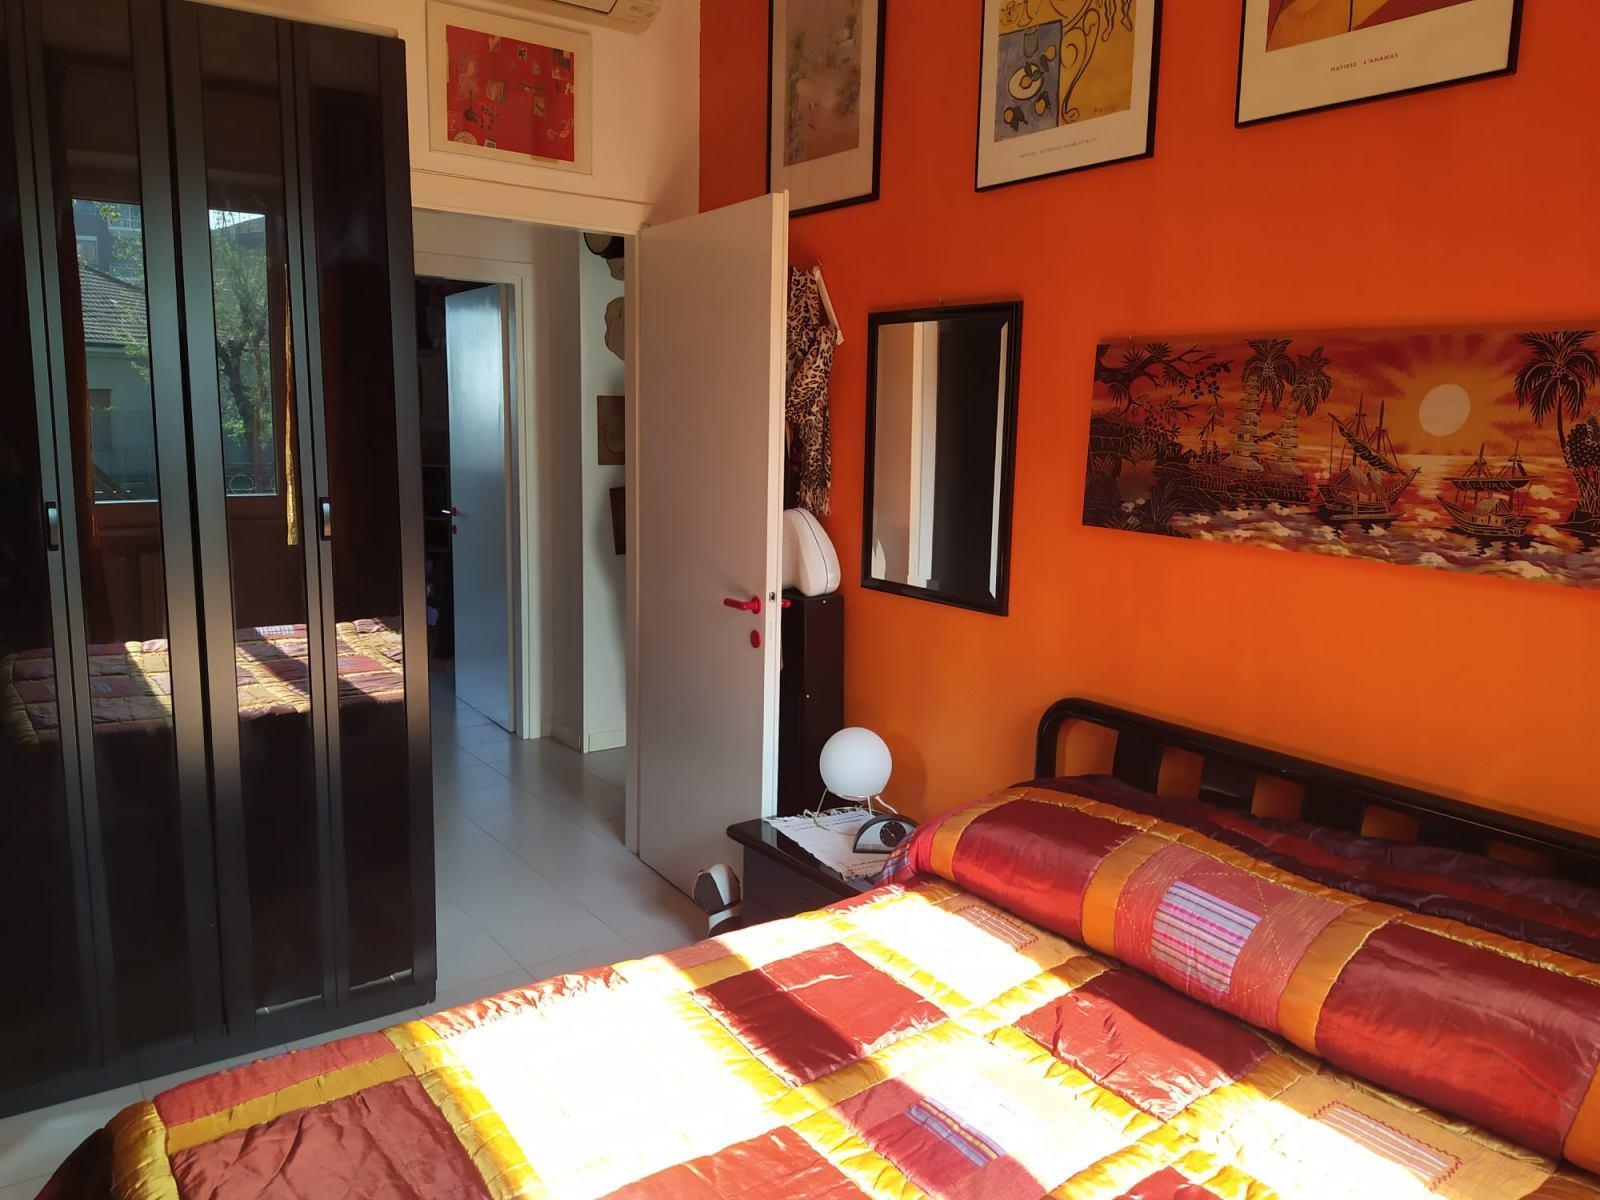 appartamento-in-vendita-a-milano-bagio-3-locali-via-cabella-spaziourbano-immobiliare-vende-13